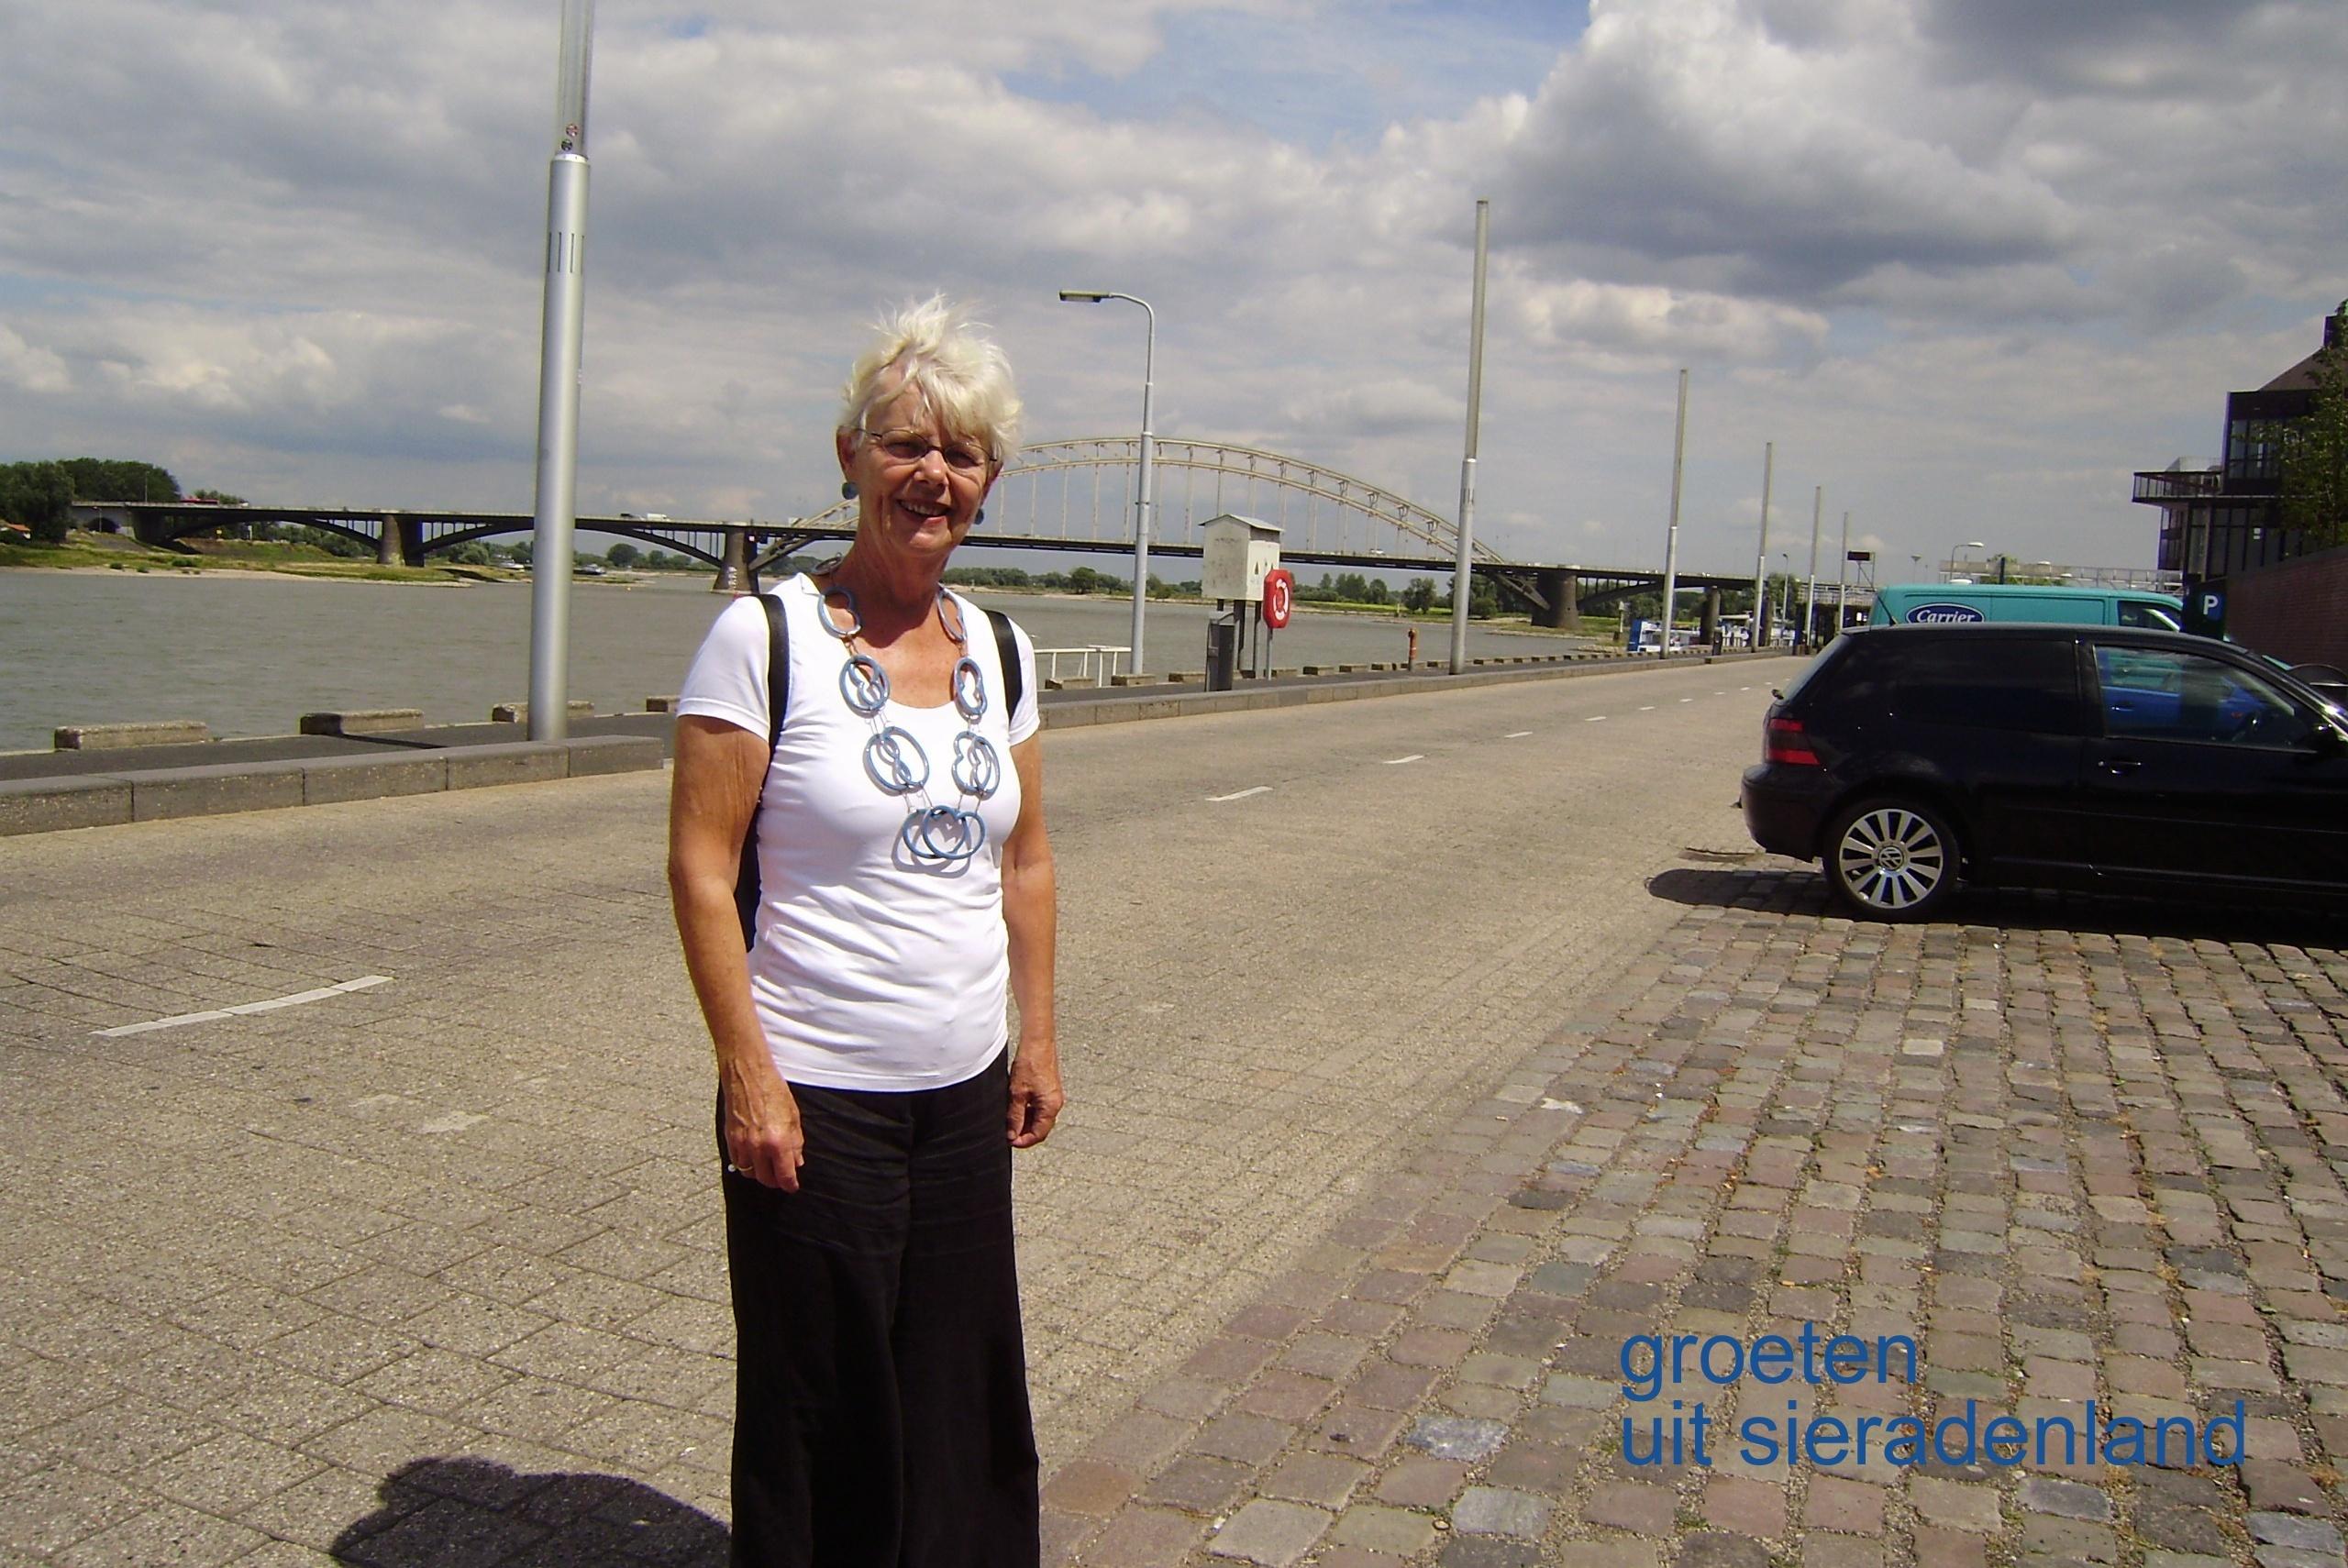 Claartje Keur, Zelfportret met halssieraad van Beate Klockmann, Nijmegen, Waalkade, 2010. Foto Claartje Keur